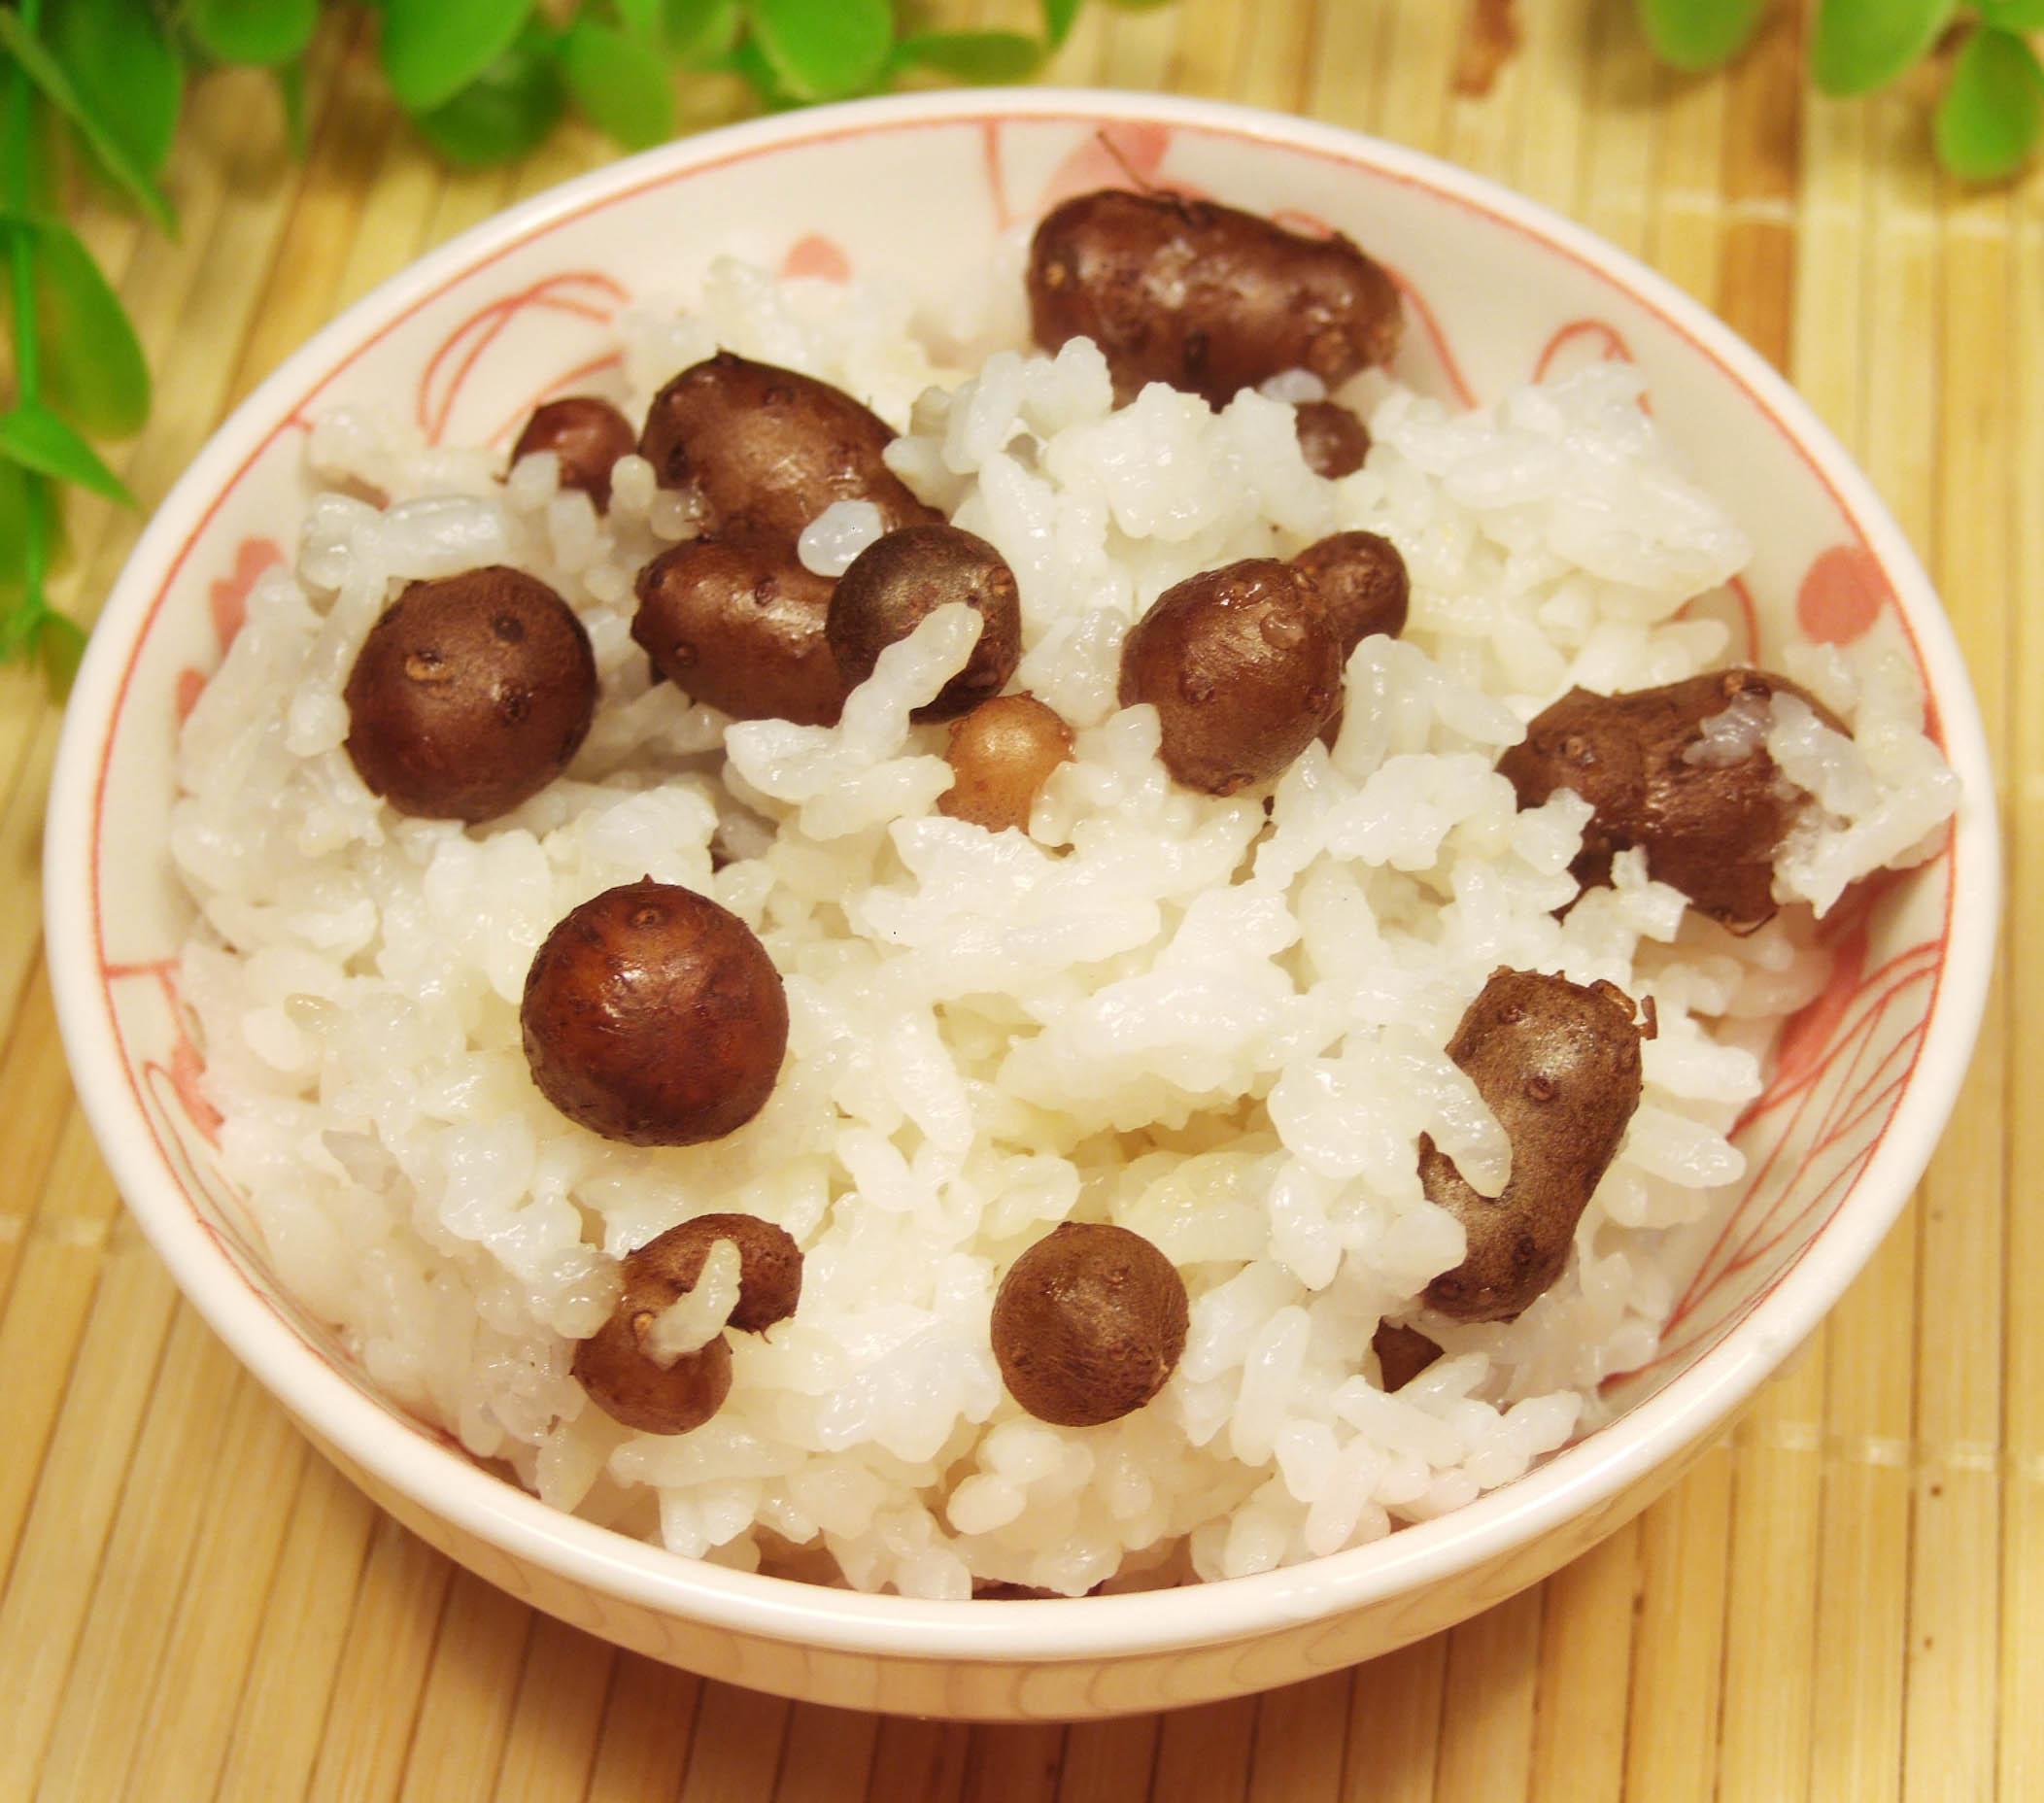 最基本就是煮,煮米饭啦,山药豆比较清口,有股子